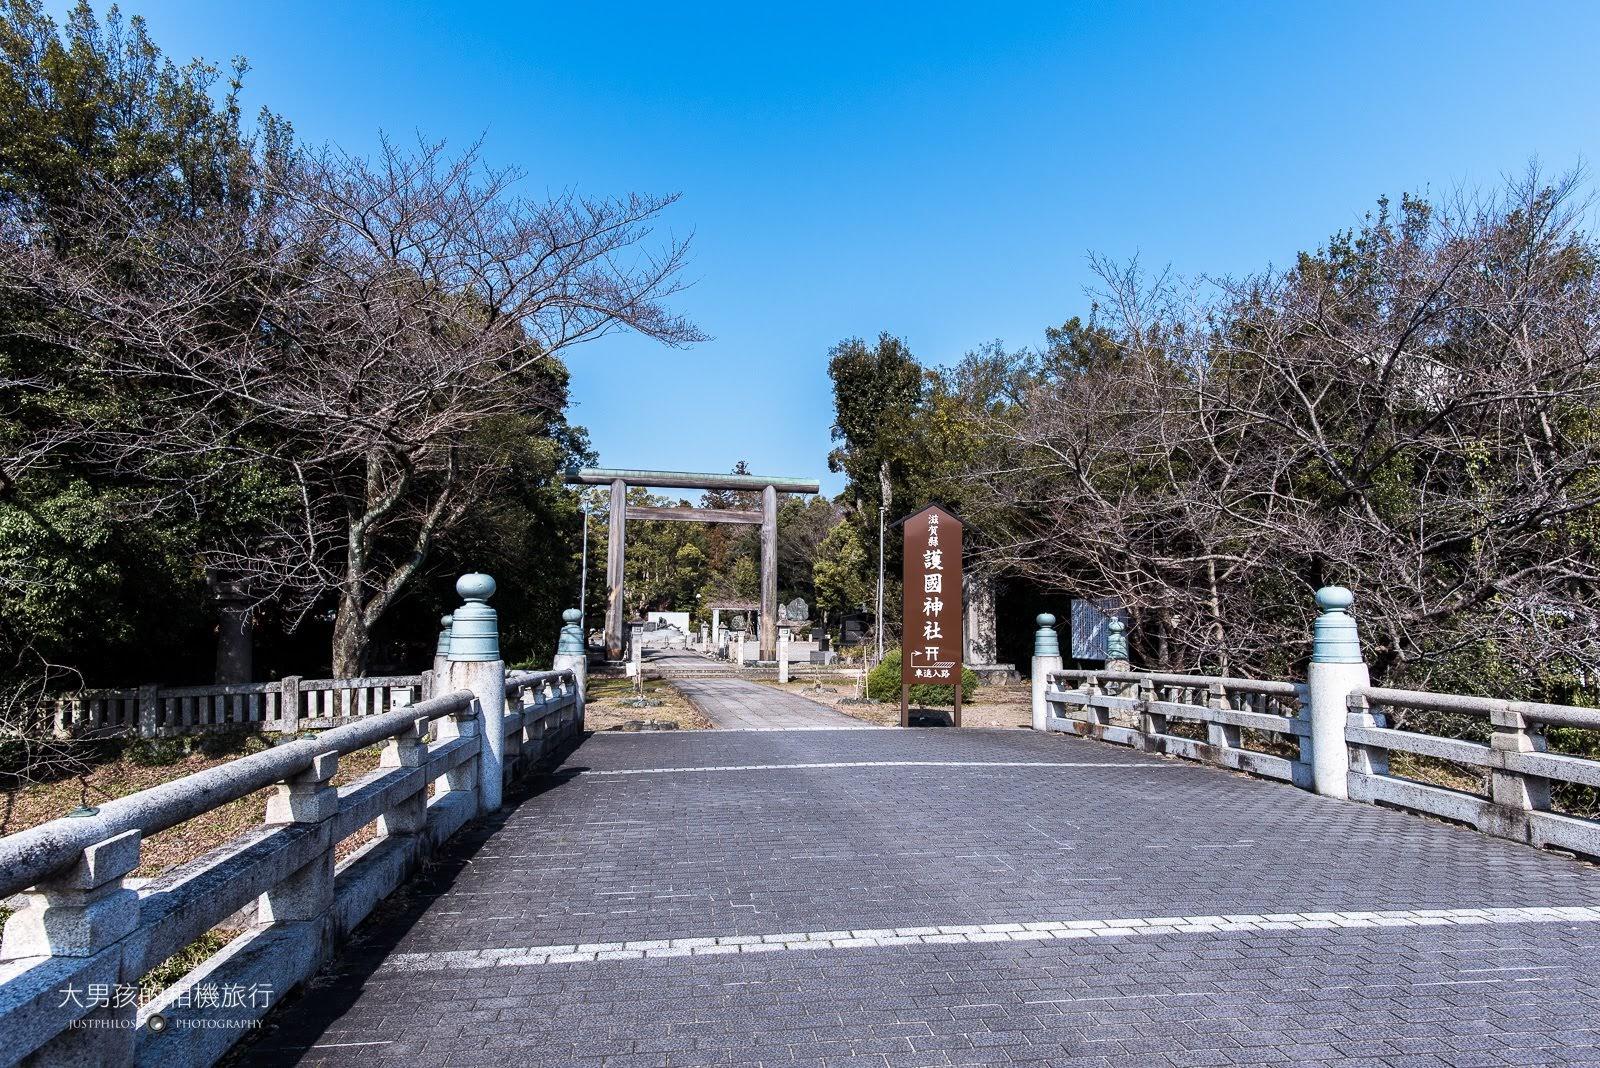 看到護國神社就表示彥根城快到了。